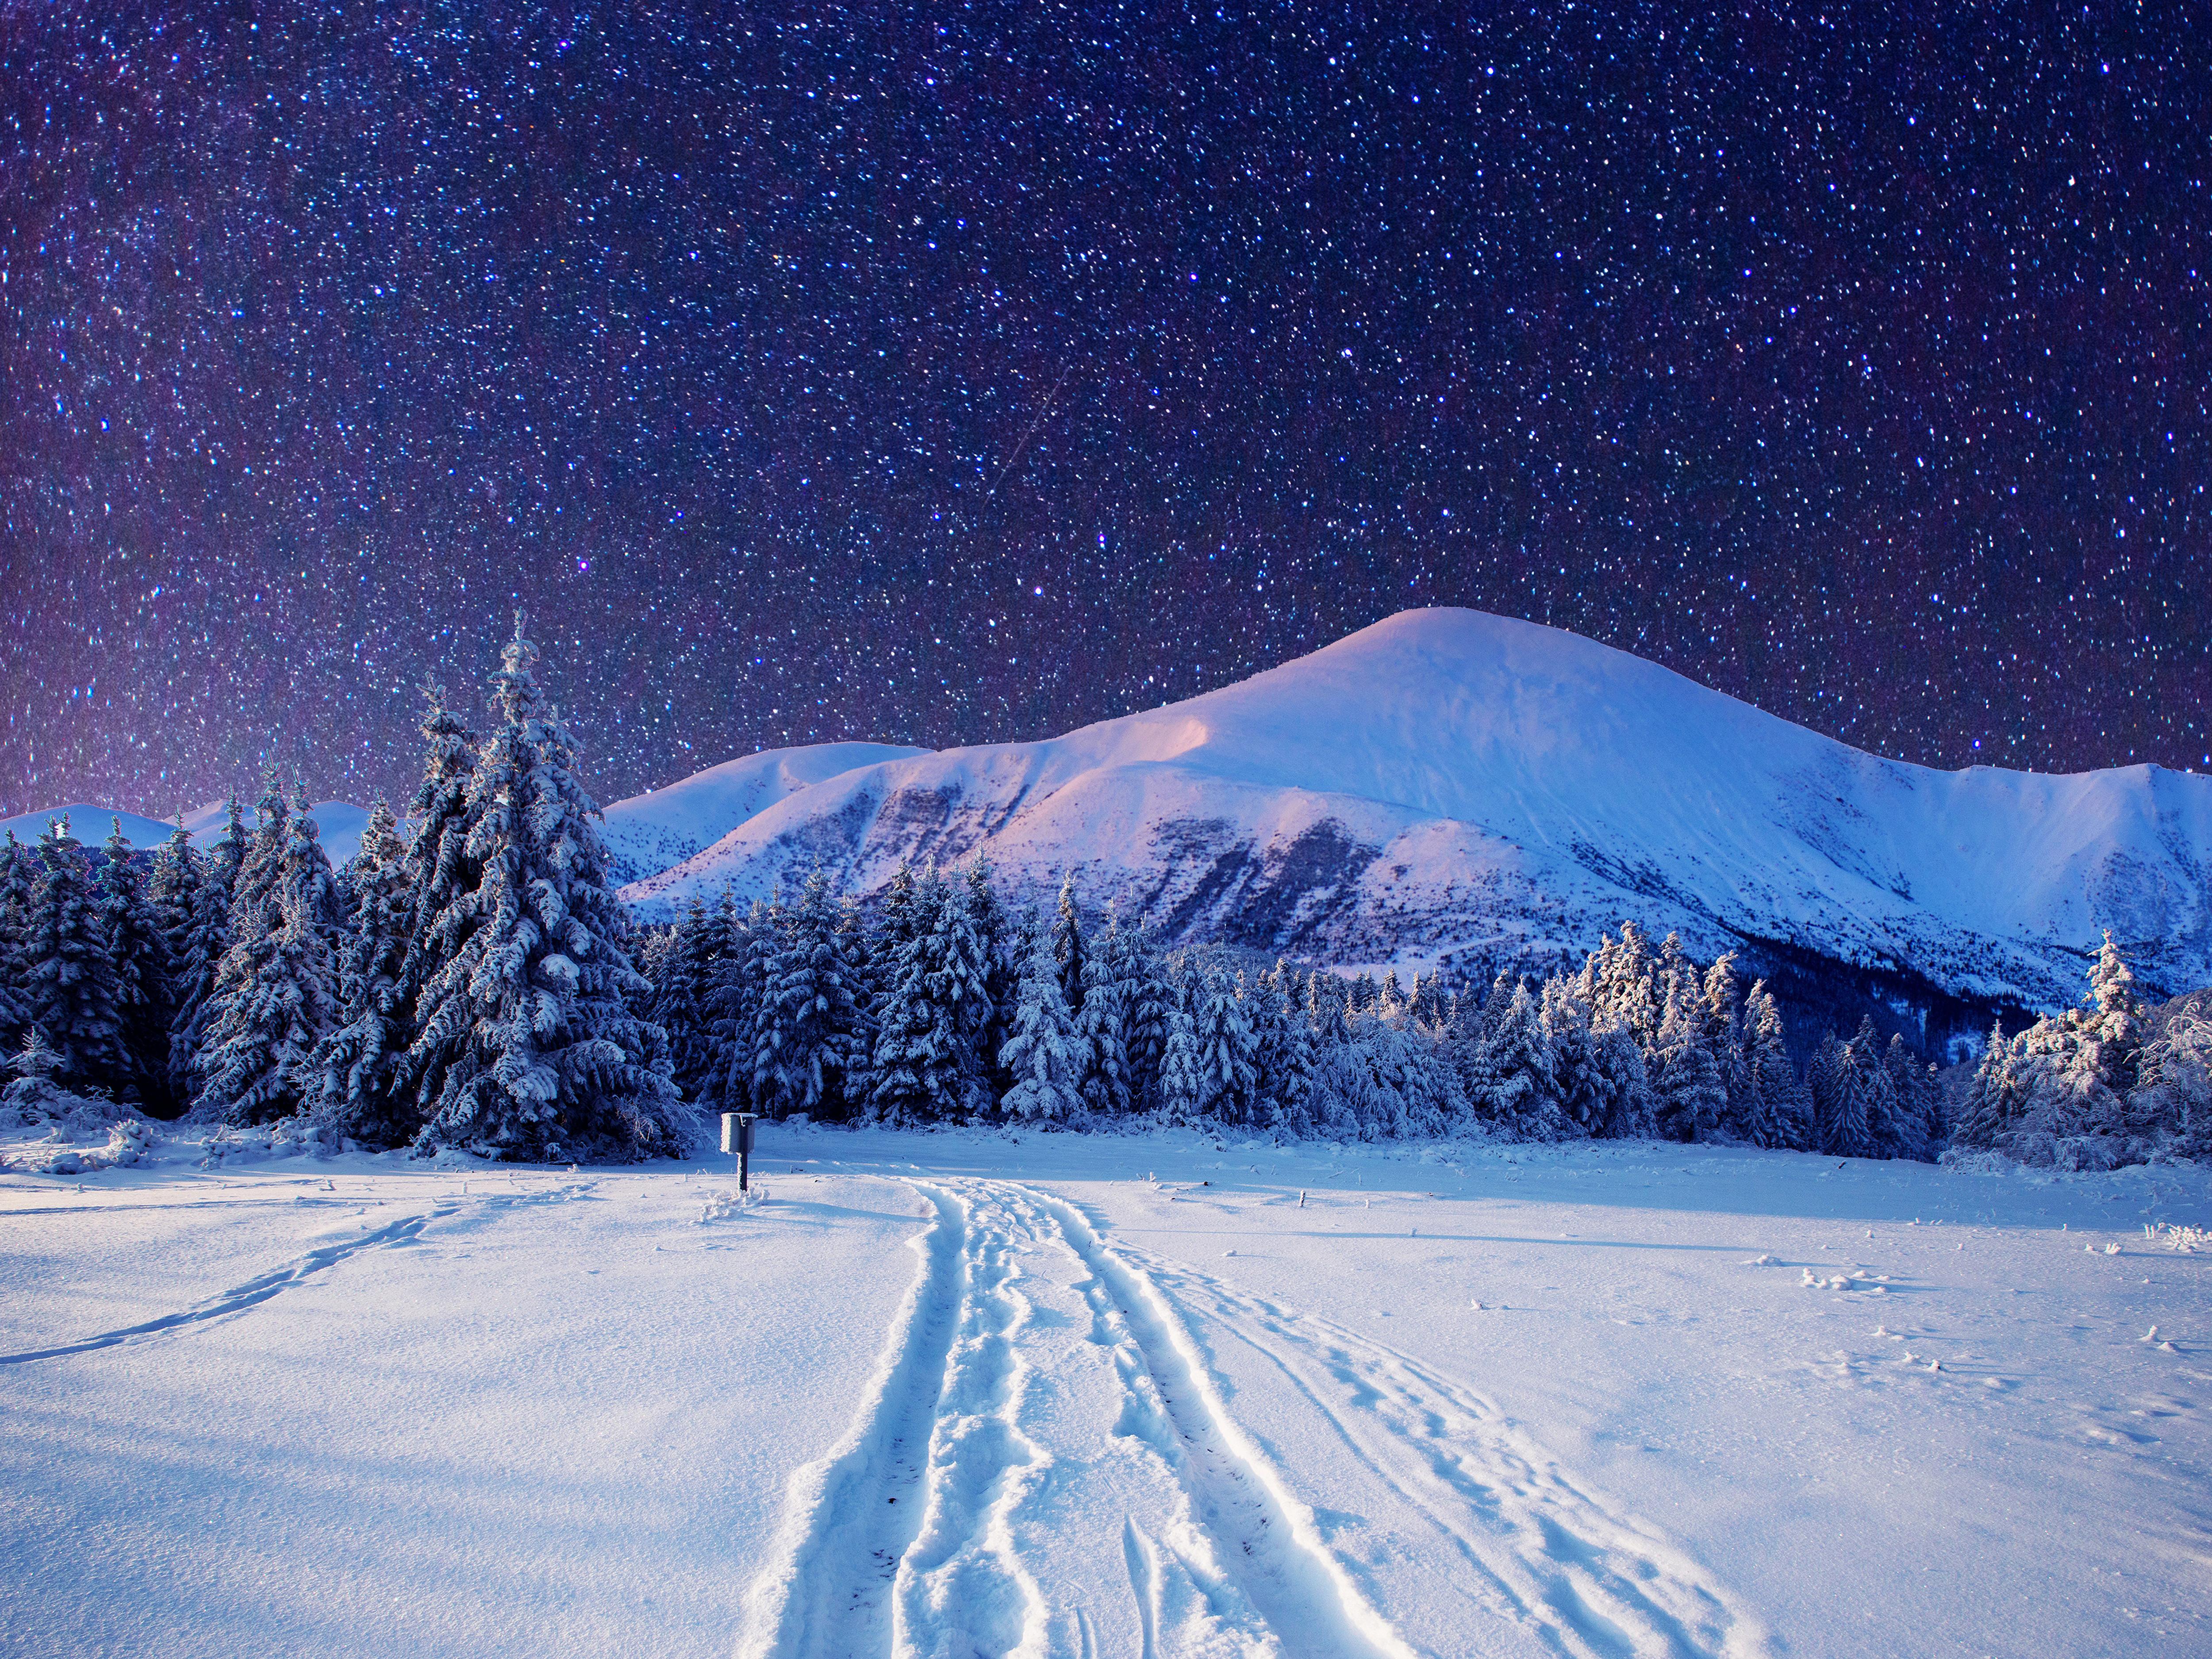 природа деревья ель небо звезды бесплатно